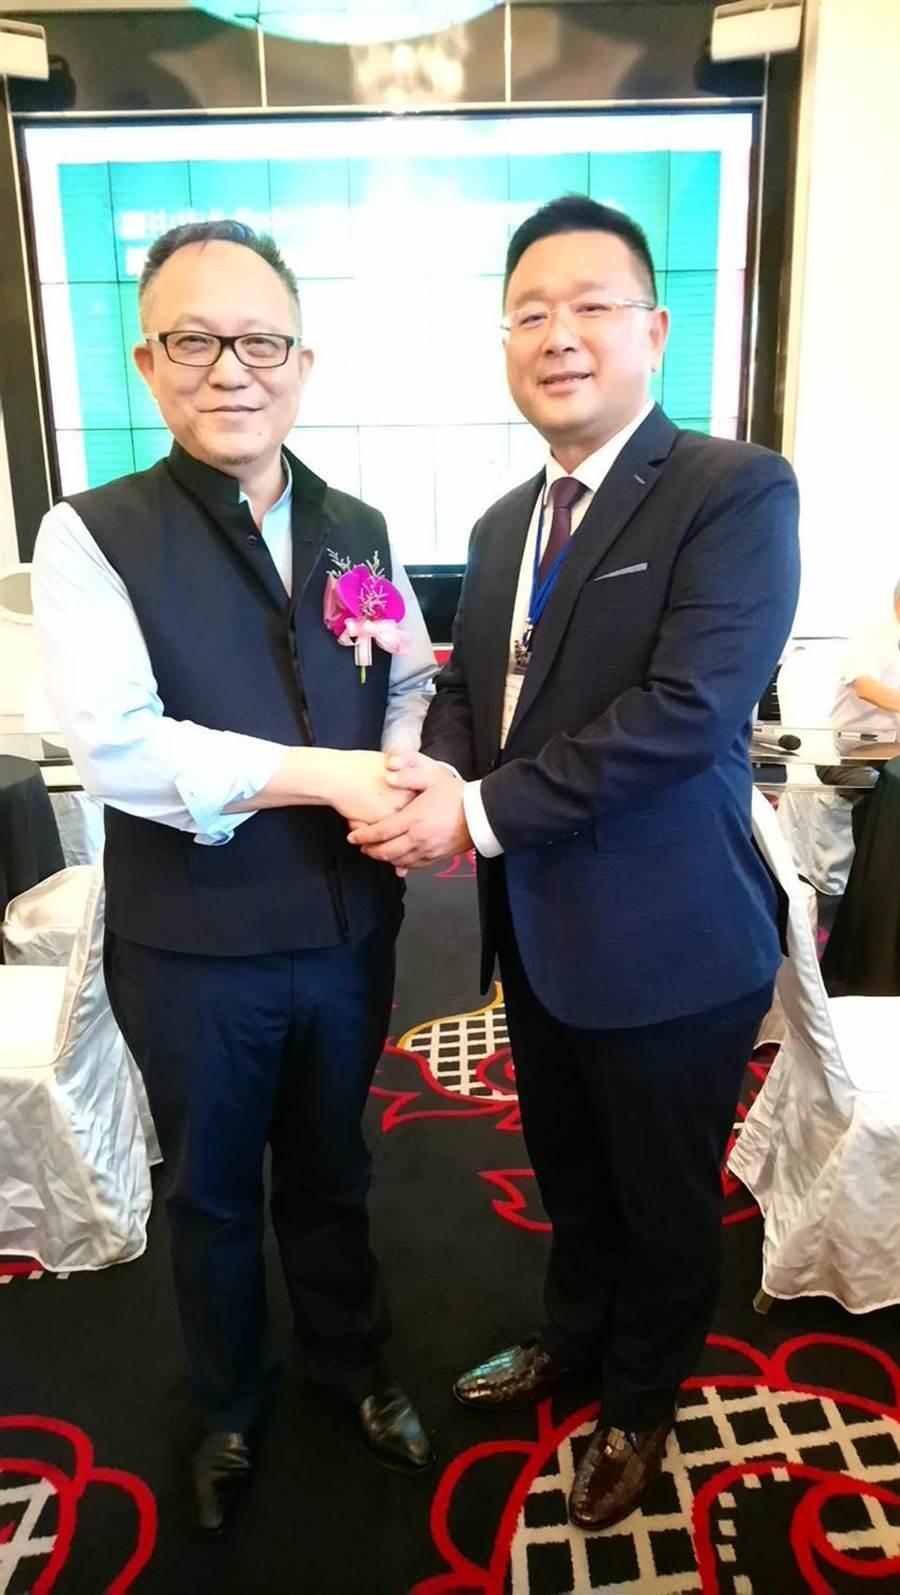 (和唐建設總經理王至亮(右)19日自紀吉川手中接下理事長寶座。圖:曾麗芳)